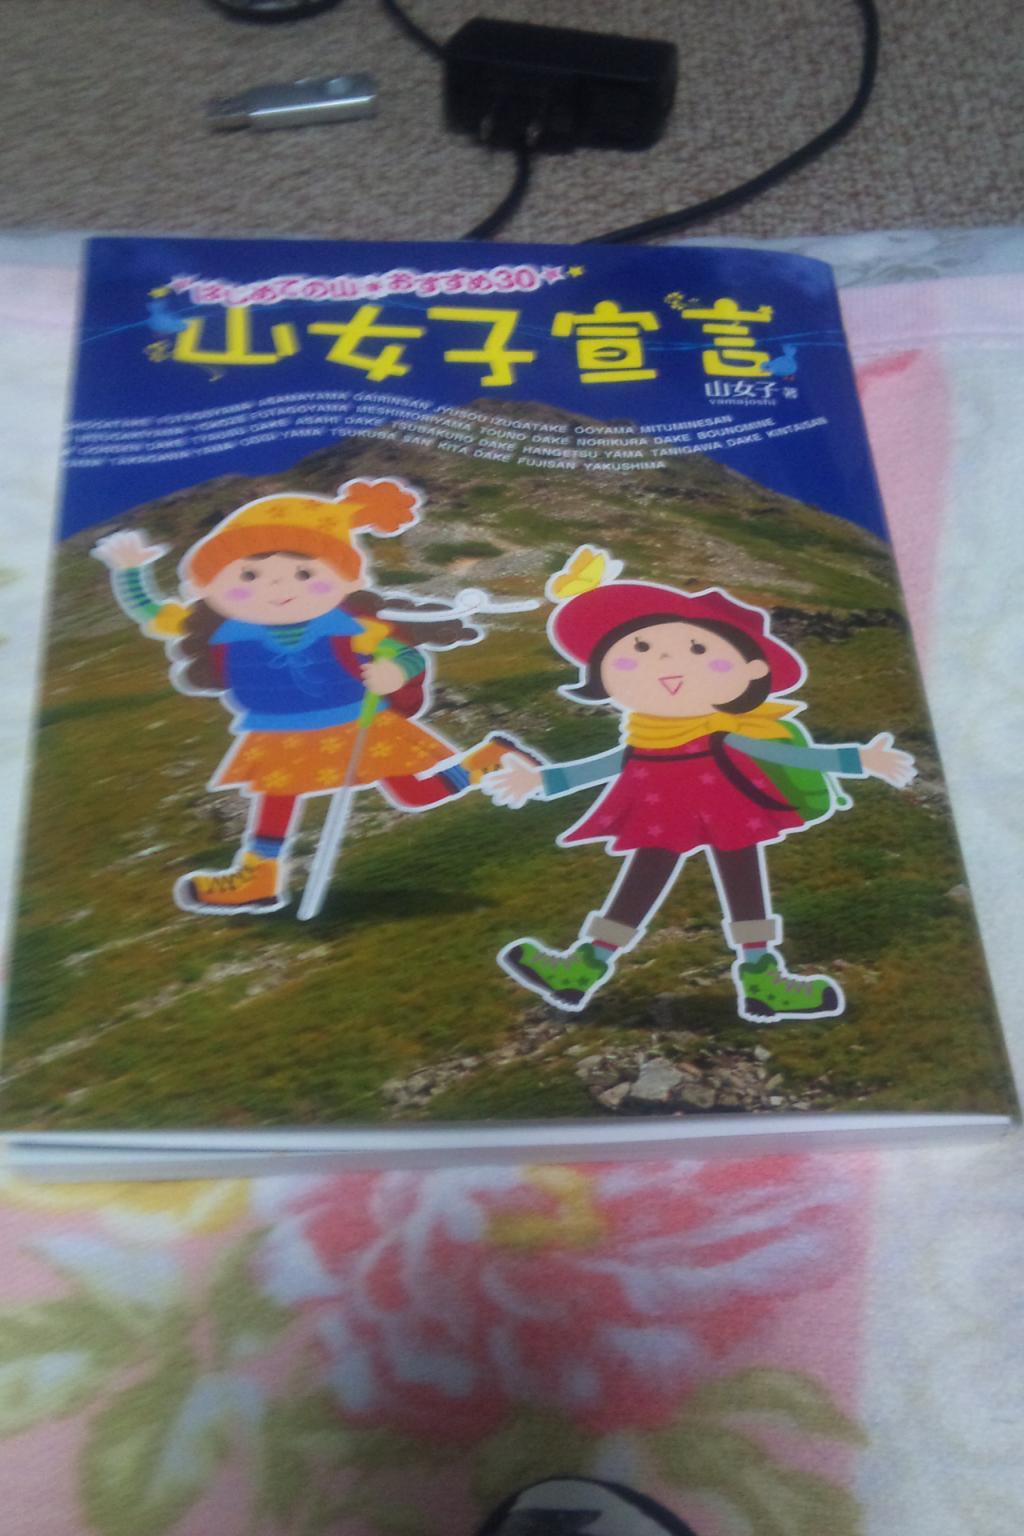 DSC_0002_convert_20101114204729.jpg